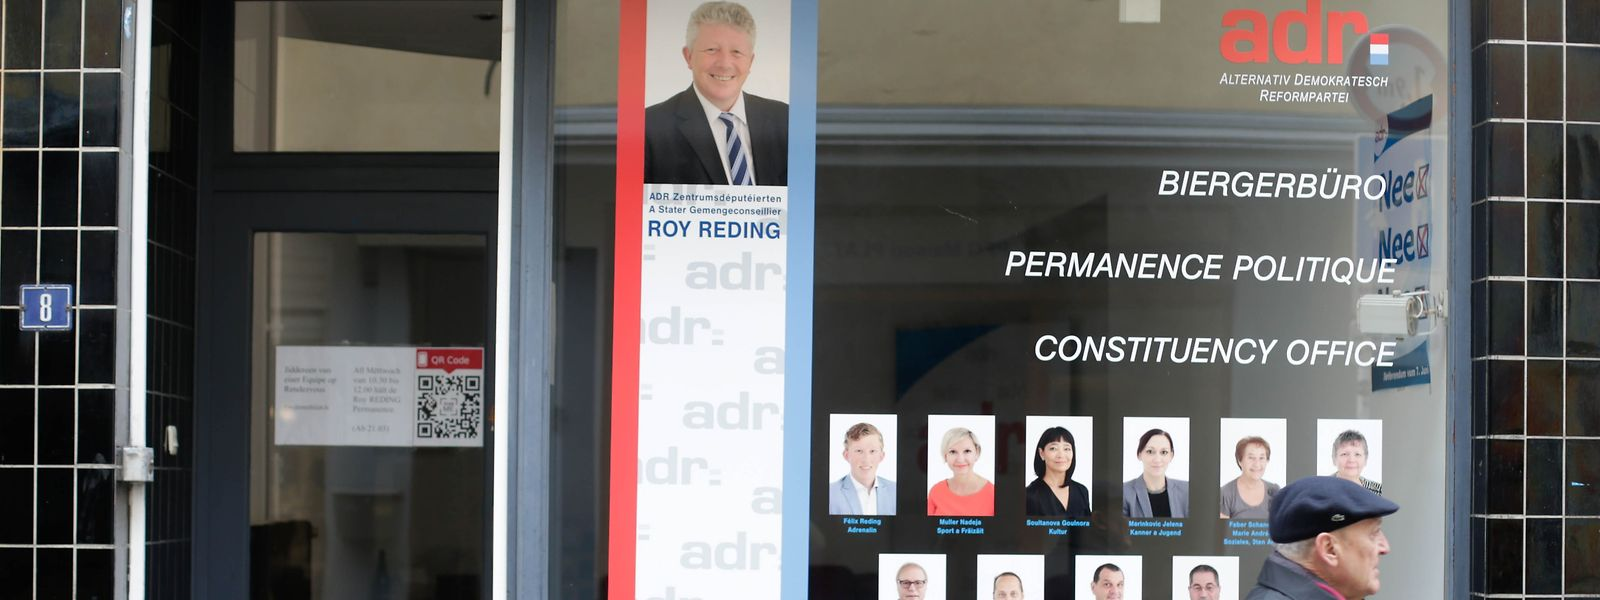 Das Bürgerbüro der ADR sorgt für Diskussionsstoff.